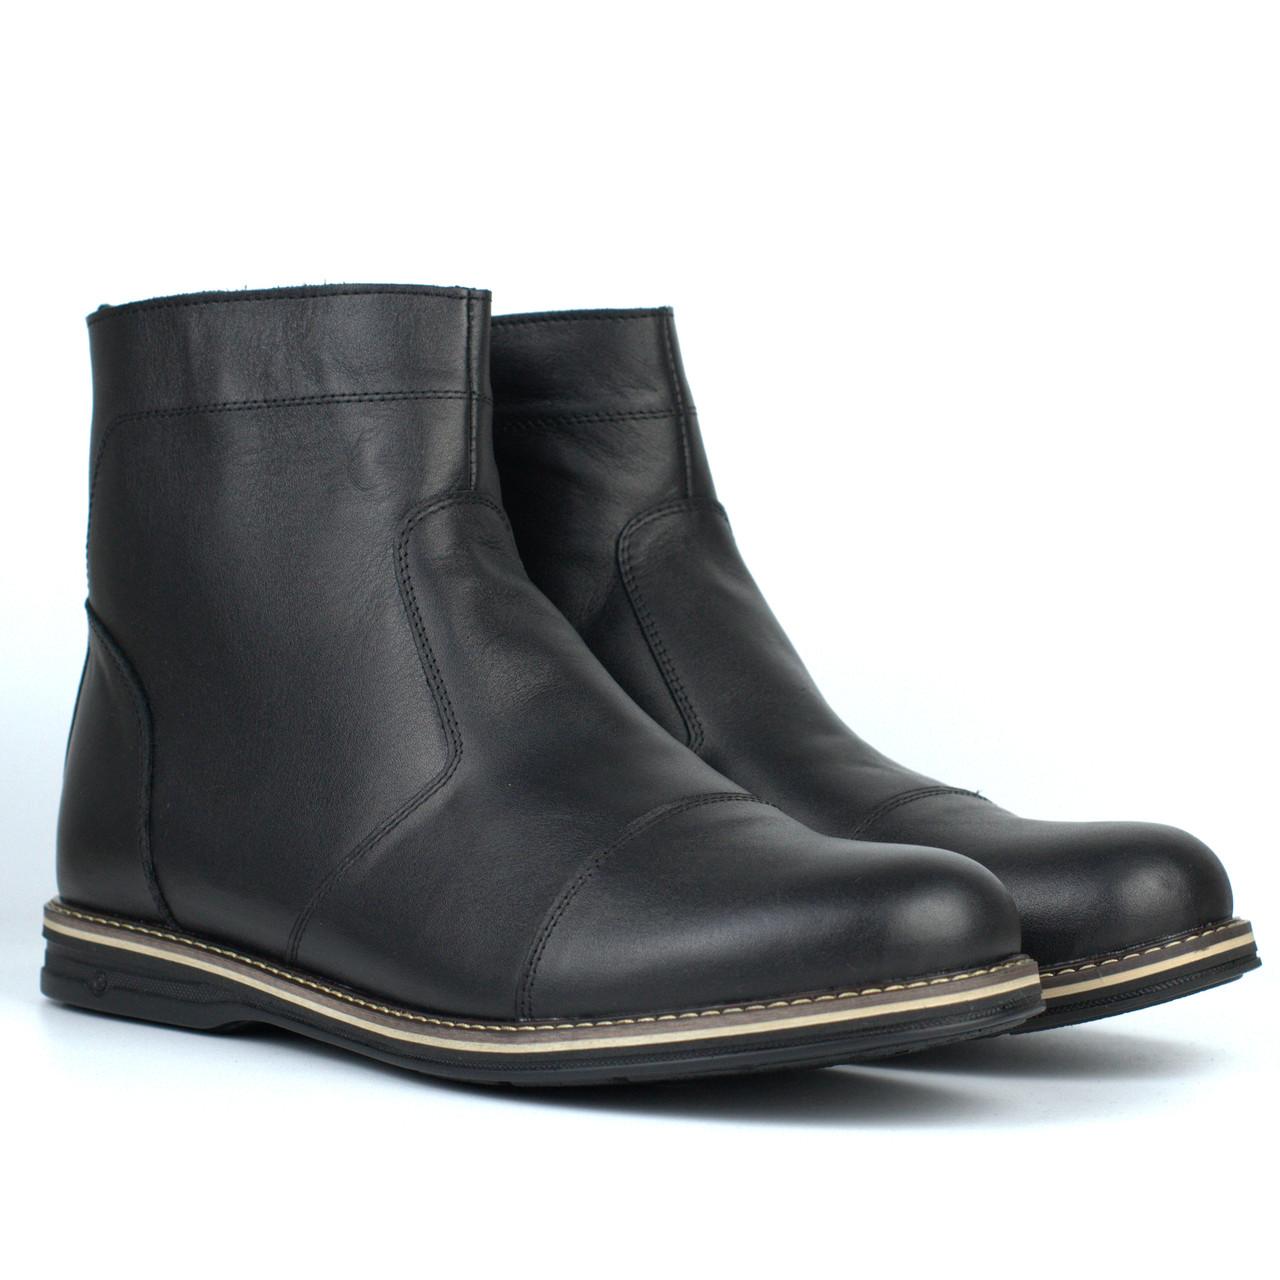 Зимняя мужская обувь челси ботинки кожаные черные на меху широкая стопа Rosso Avangard Danni Comfort Black